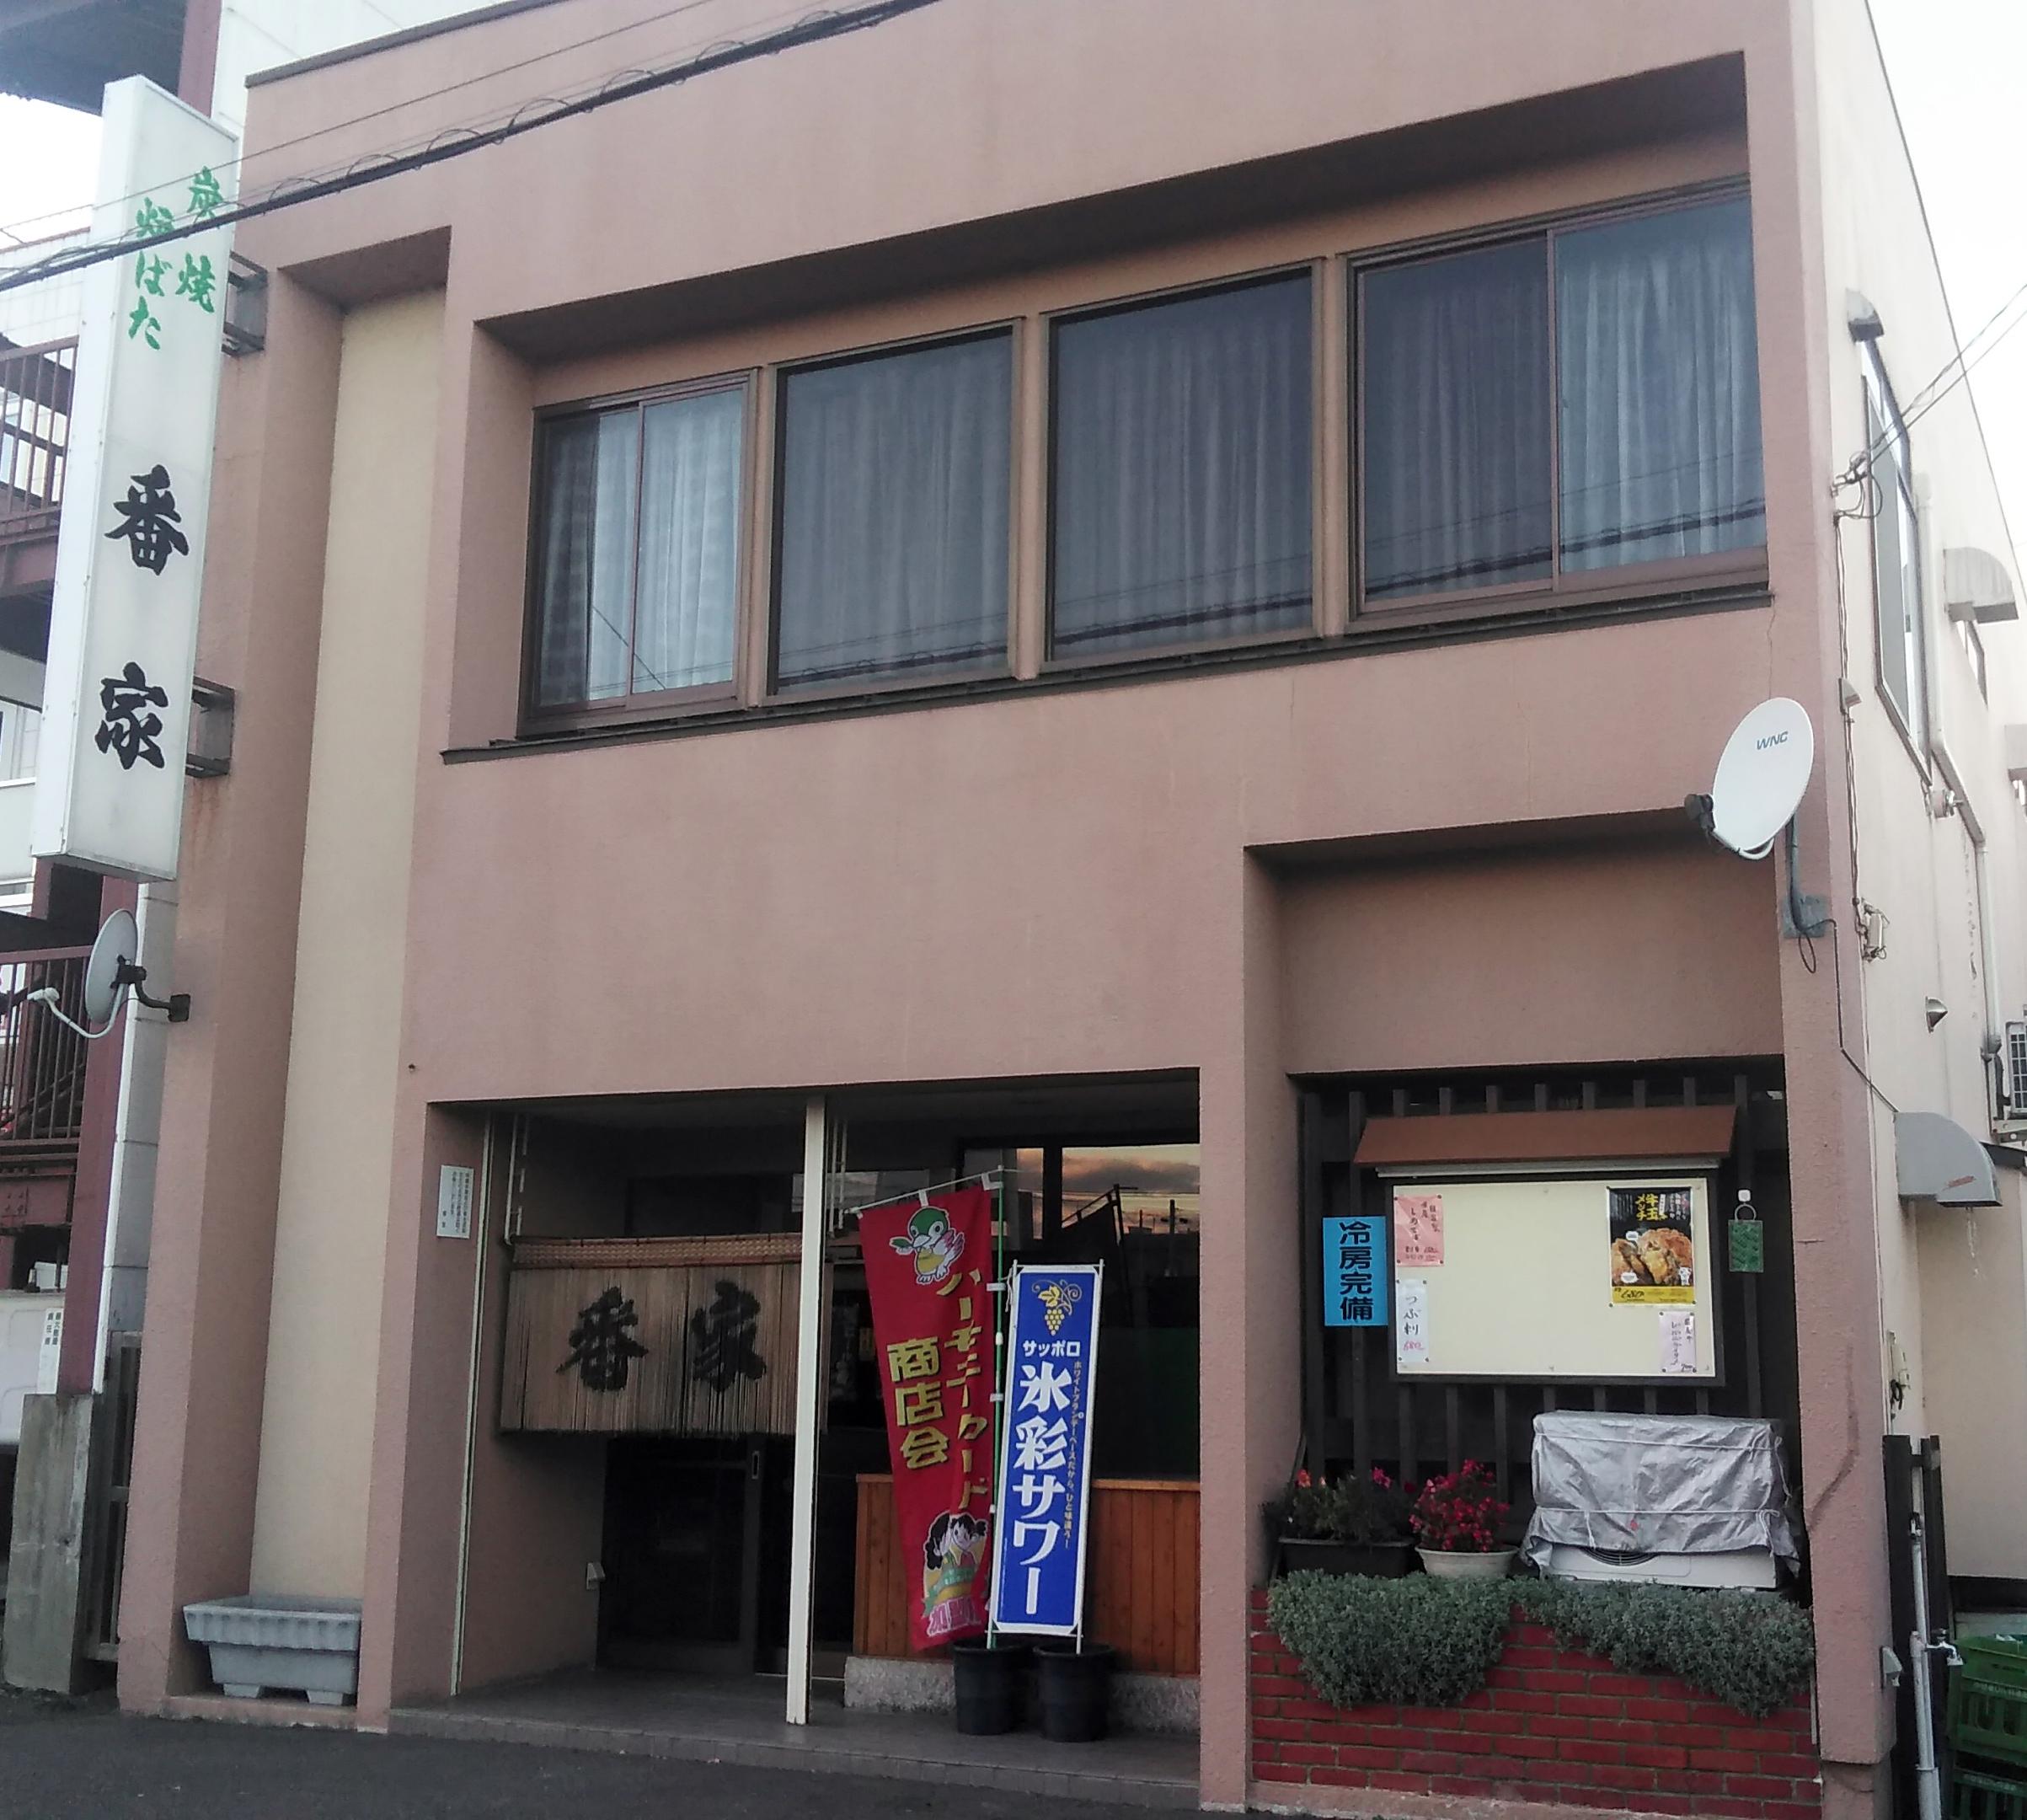 寿司 上川郡清水町